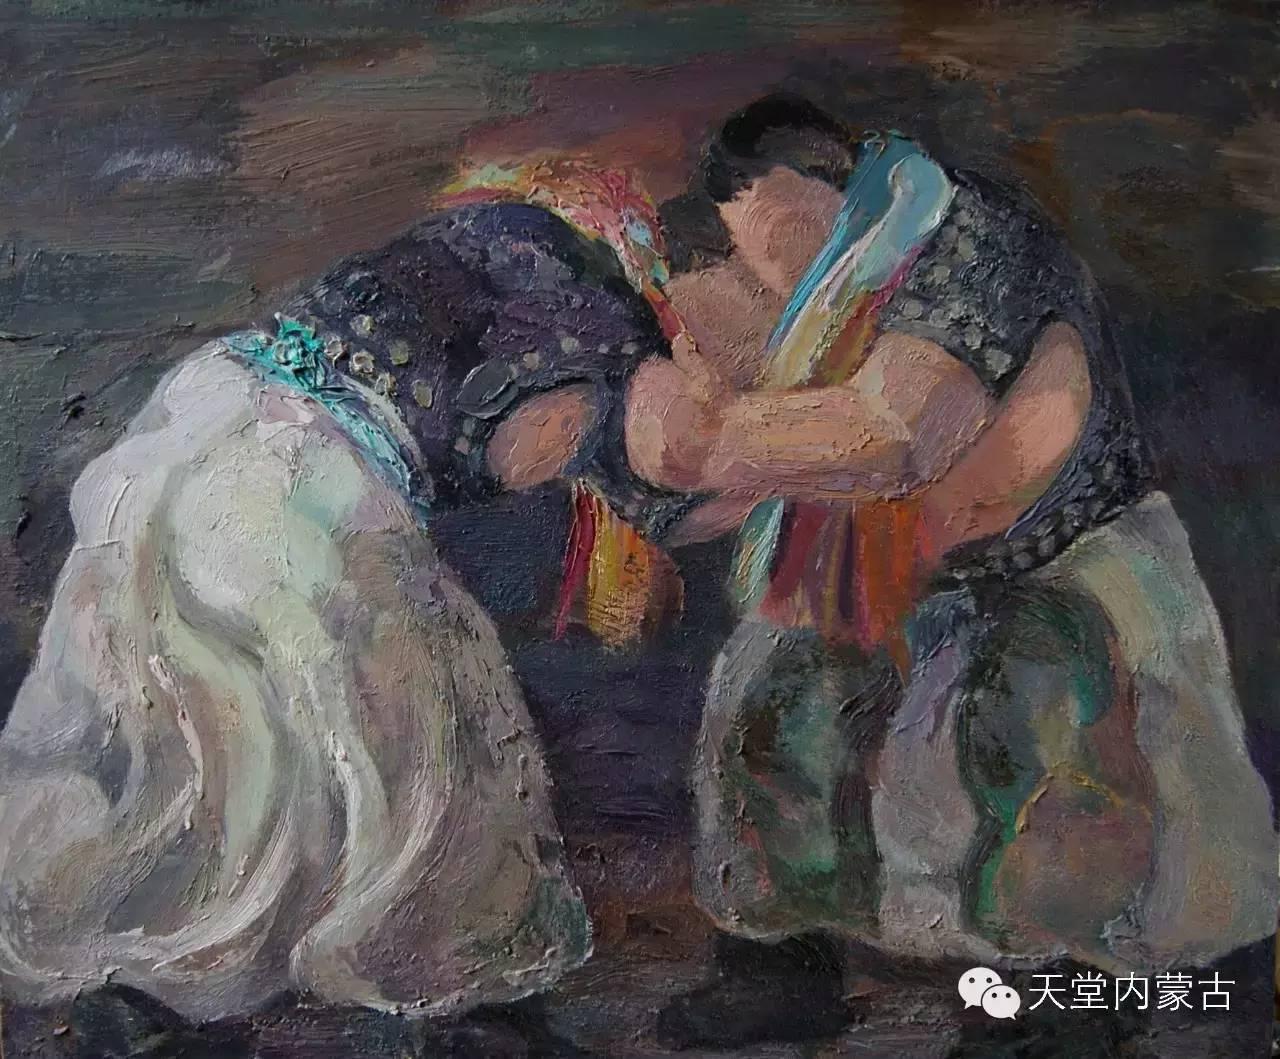 🔴内蒙古画家刘东油画作品 第5张 🔴内蒙古画家刘东油画作品 蒙古画廊